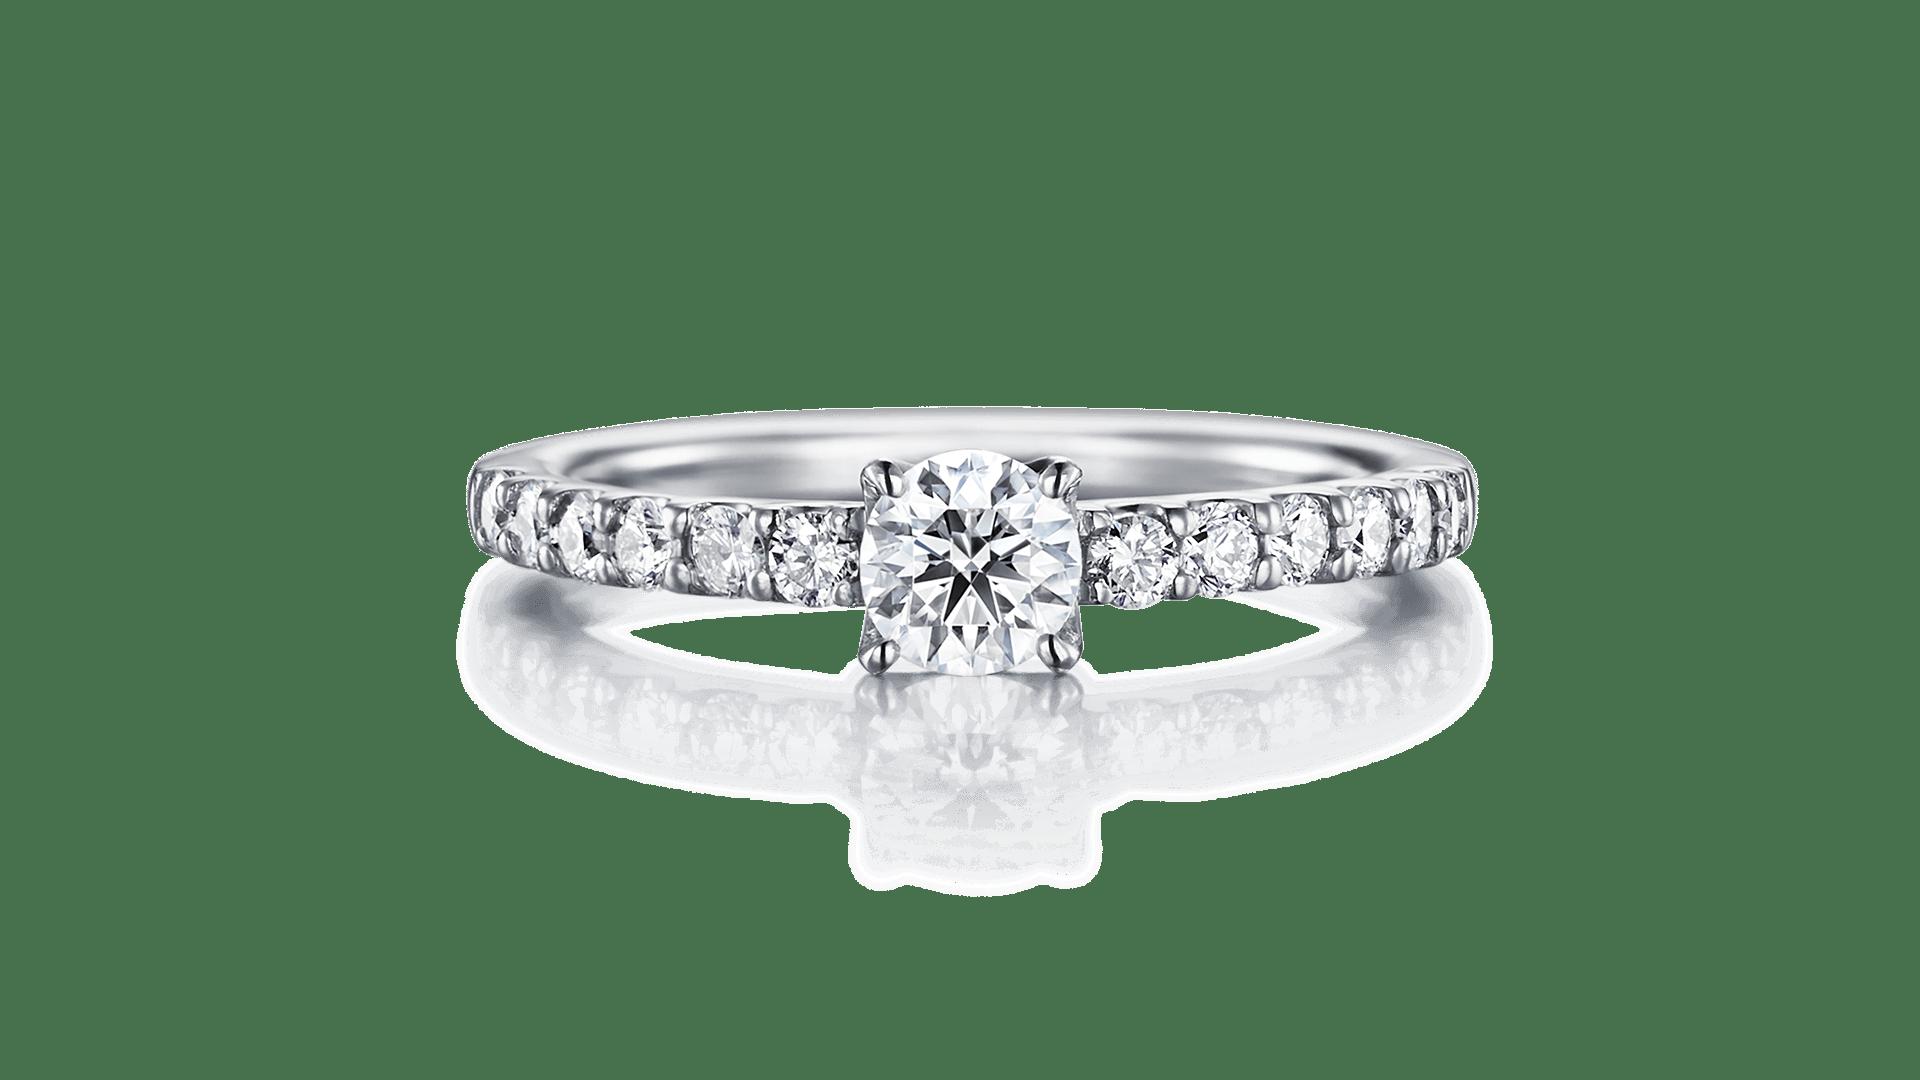 stella ステラ | 婚約指輪サムネイル 1